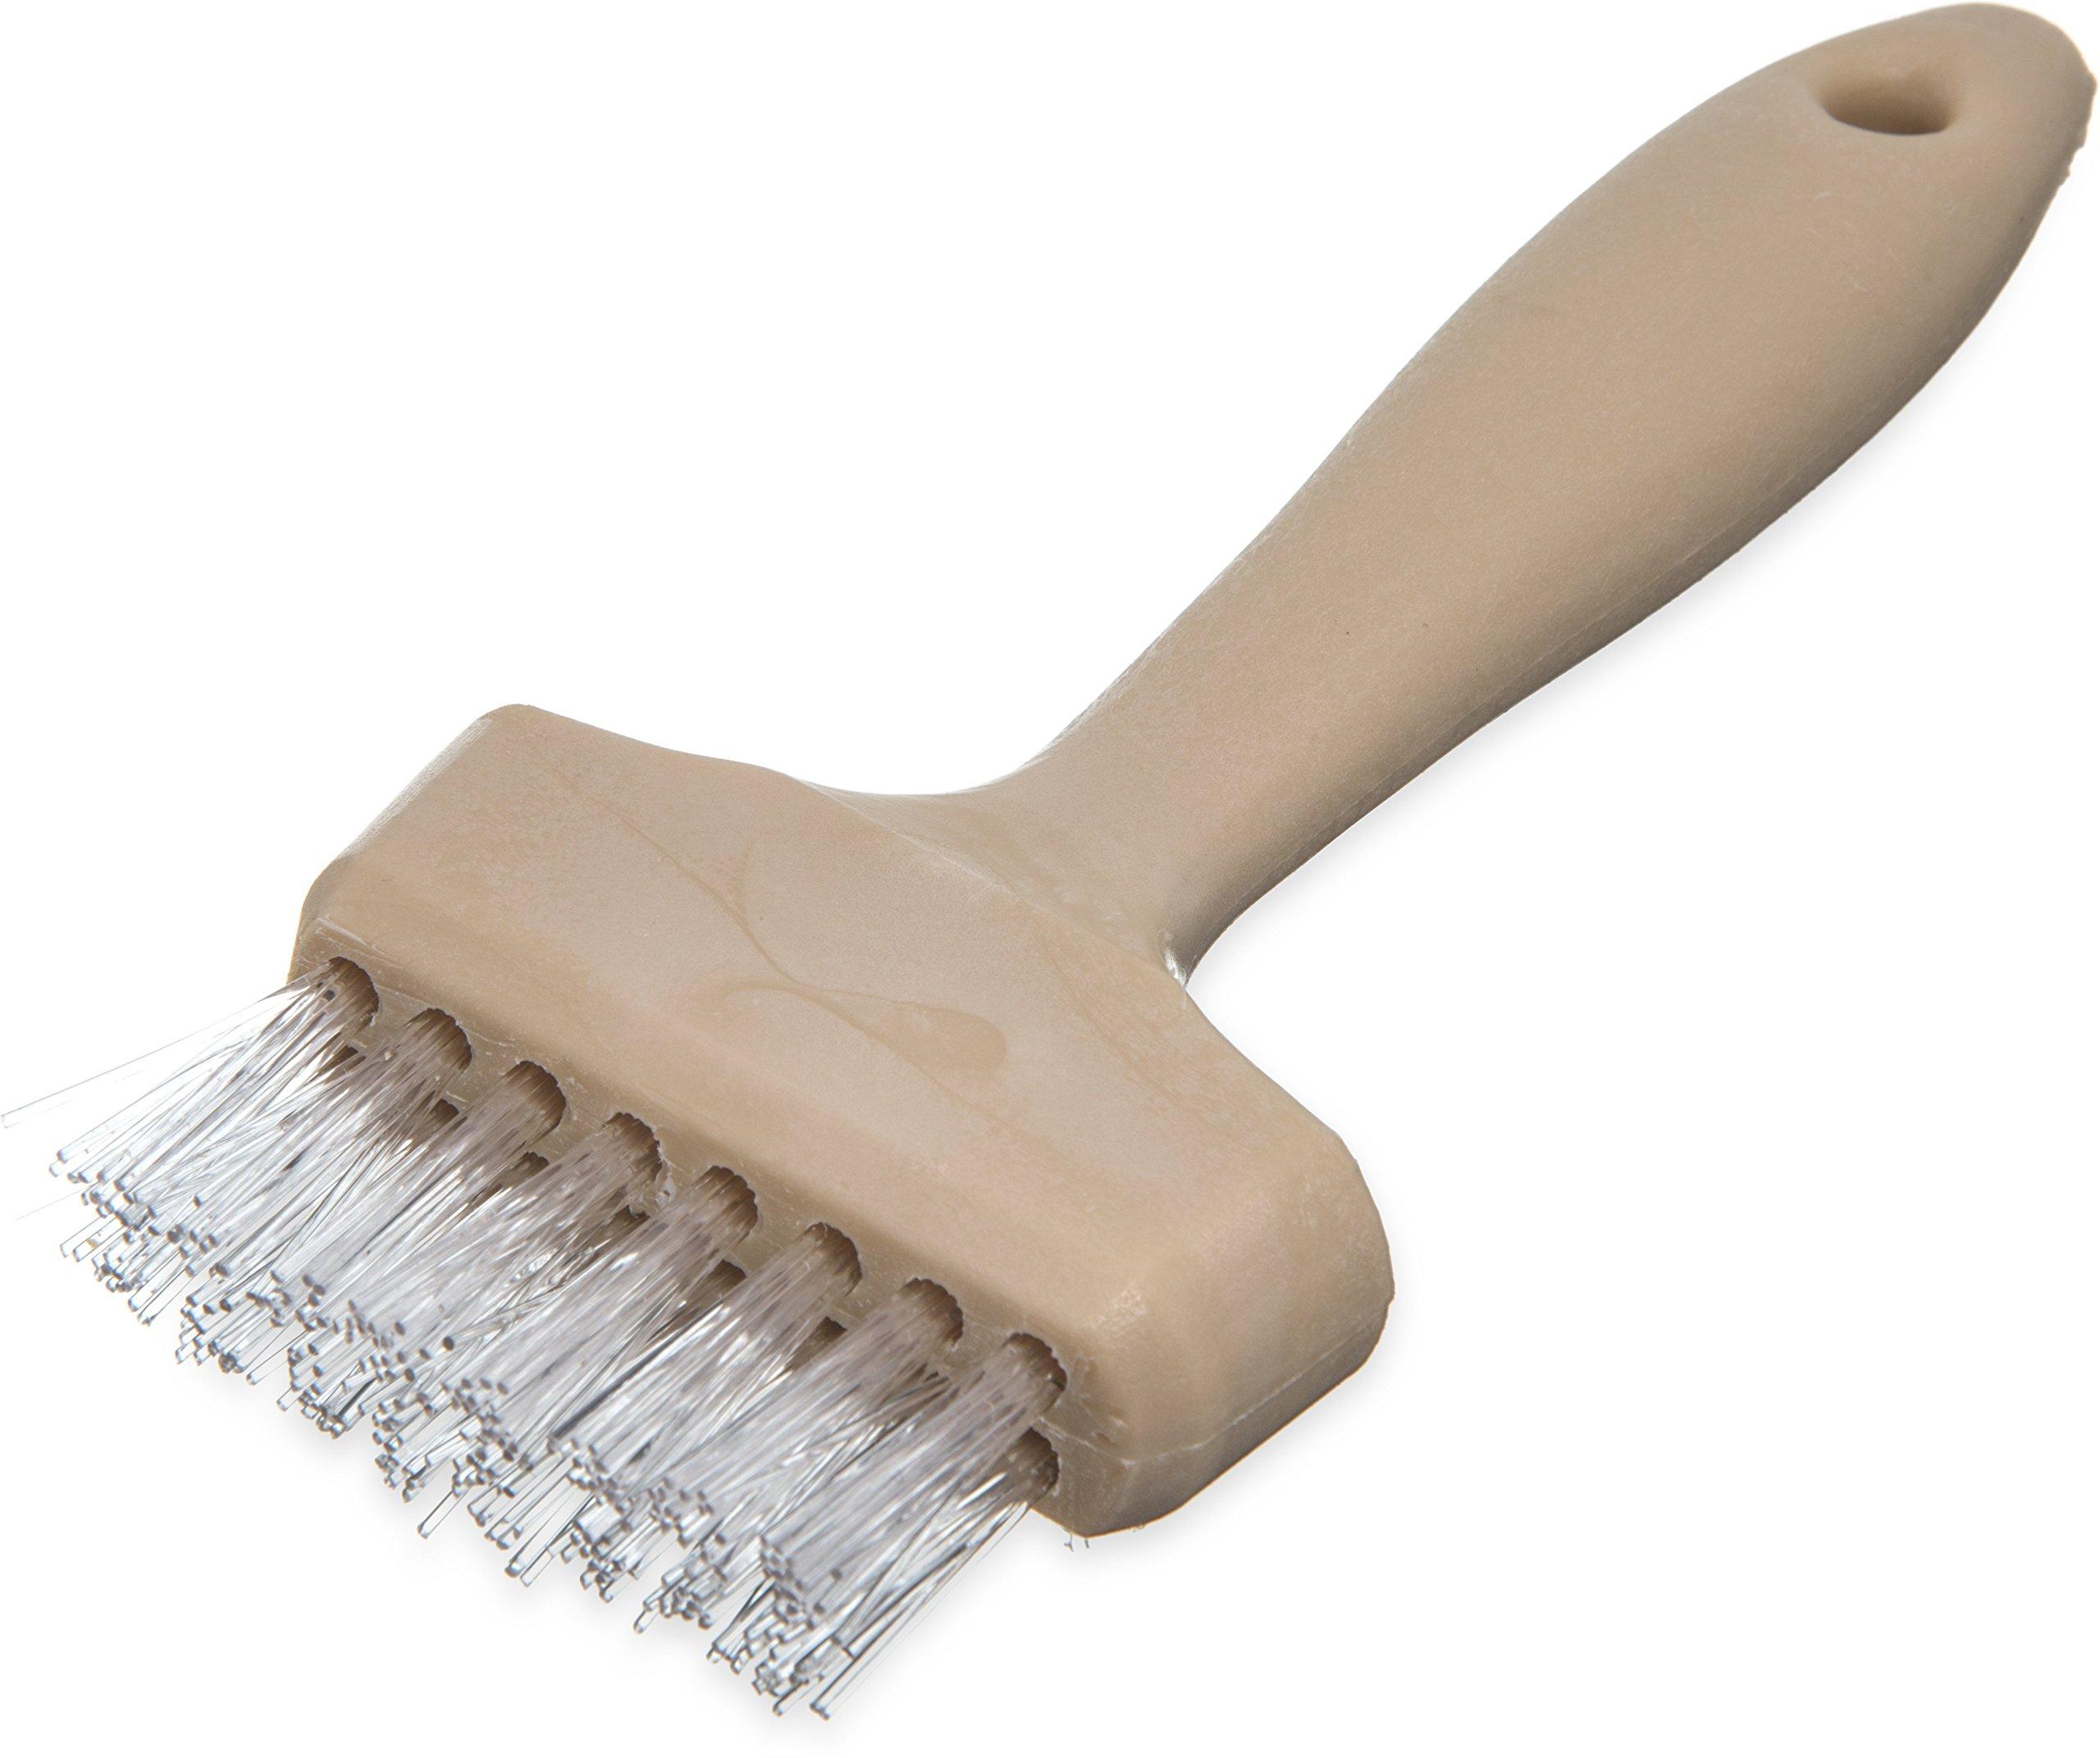 Carlisle 4011400 Wide Waffle Iron Brush, 7'', Teflon